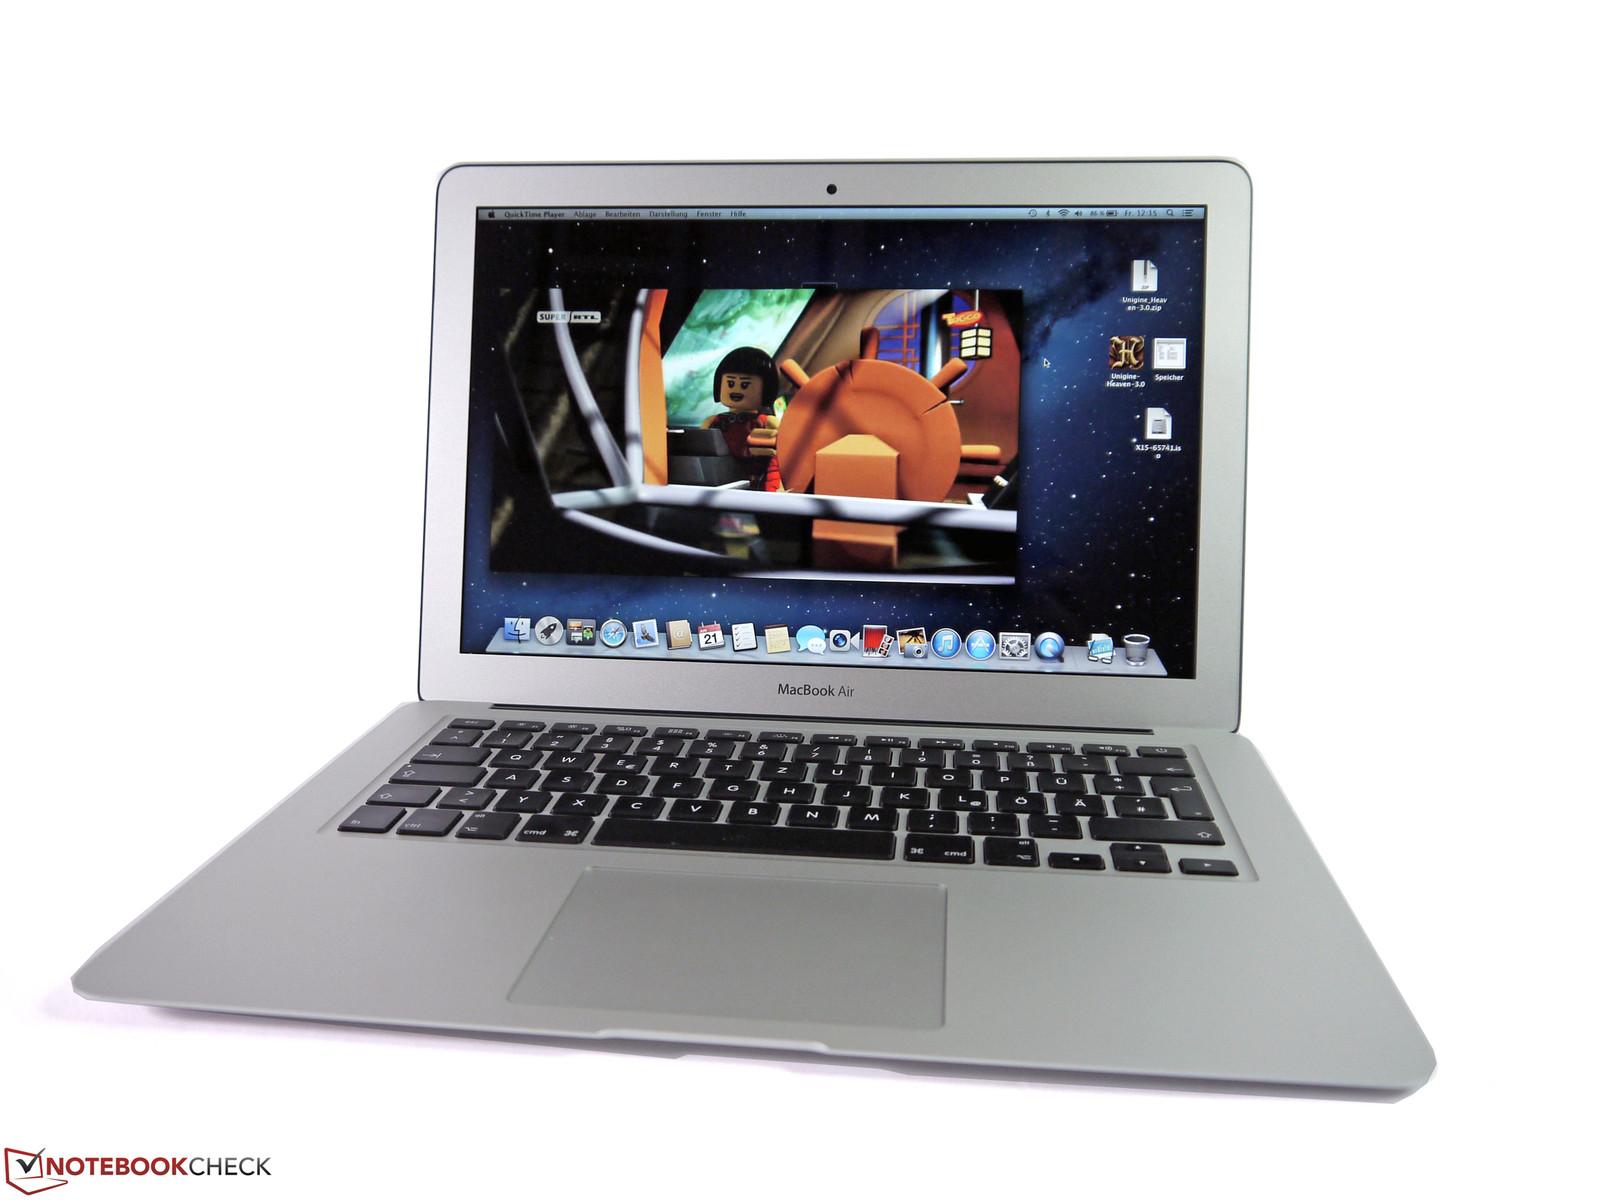 MacBook, pro ( 15, zoll, Ende 2011) - Technische Daten